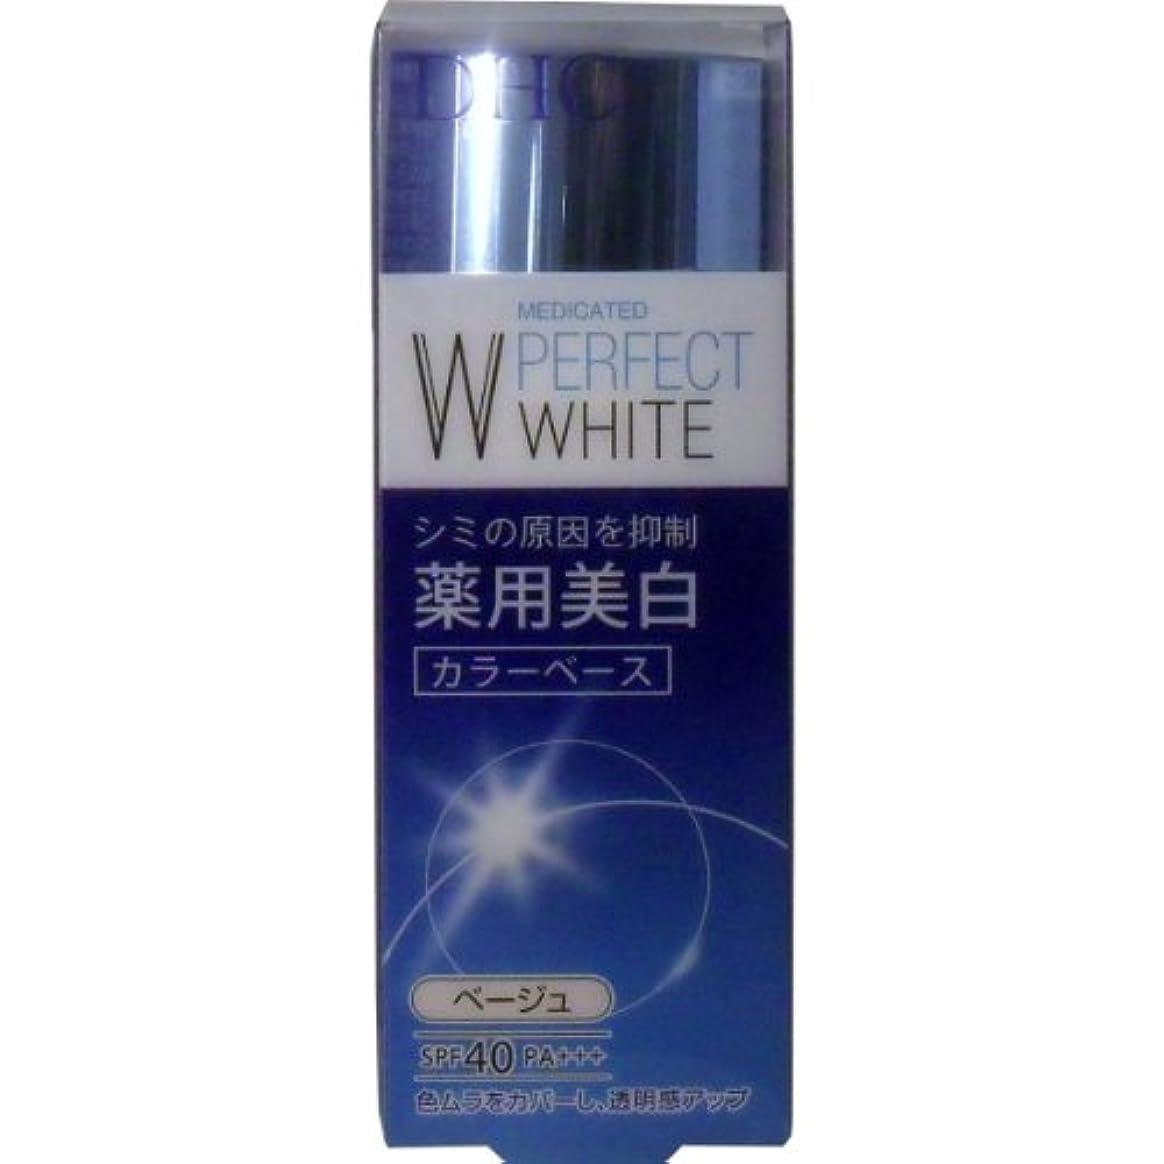 責混合法医学DHC 薬用美白パーフェクトホワイト カラーベース ベージュ 30g (商品内訳:単品1個)